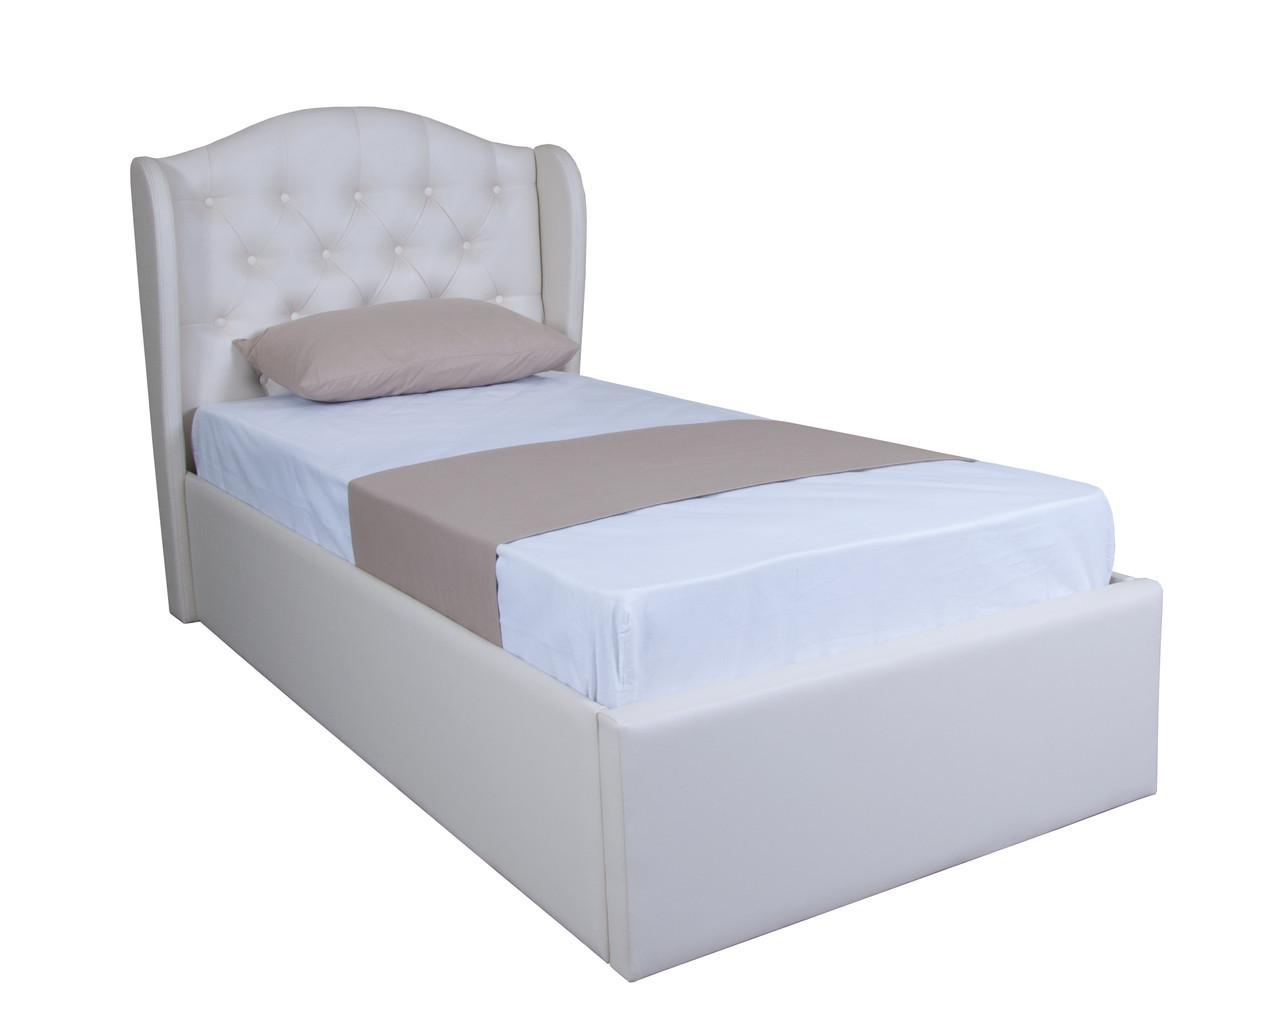 Кровать Грация  односпальная с подъемным механизмом 190х80